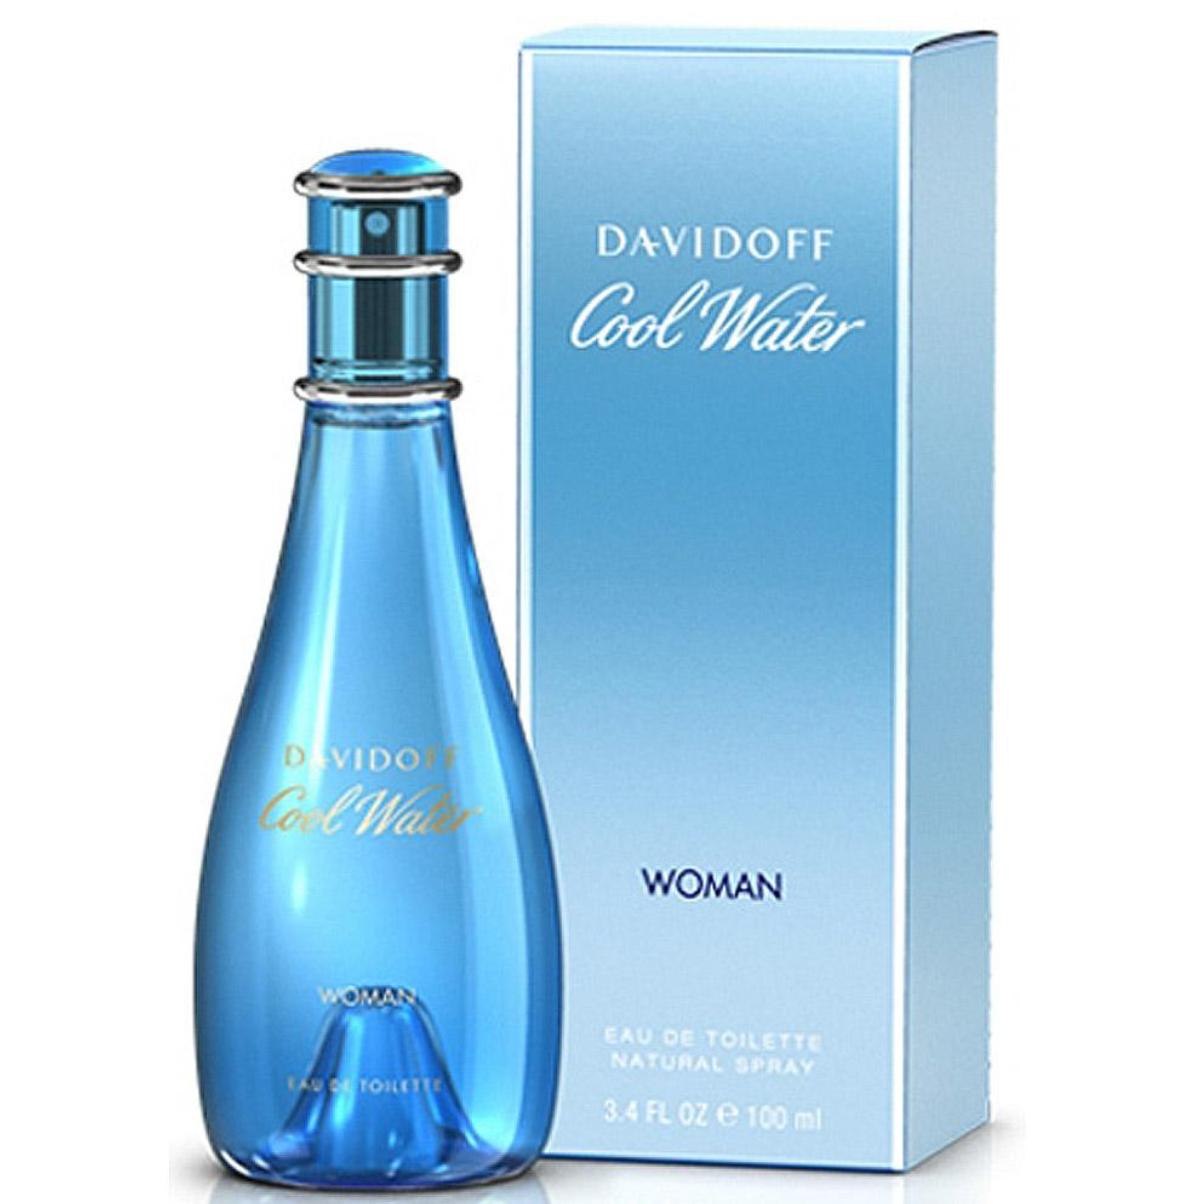 Davidoof - Cool Water Woman - eau de toilette